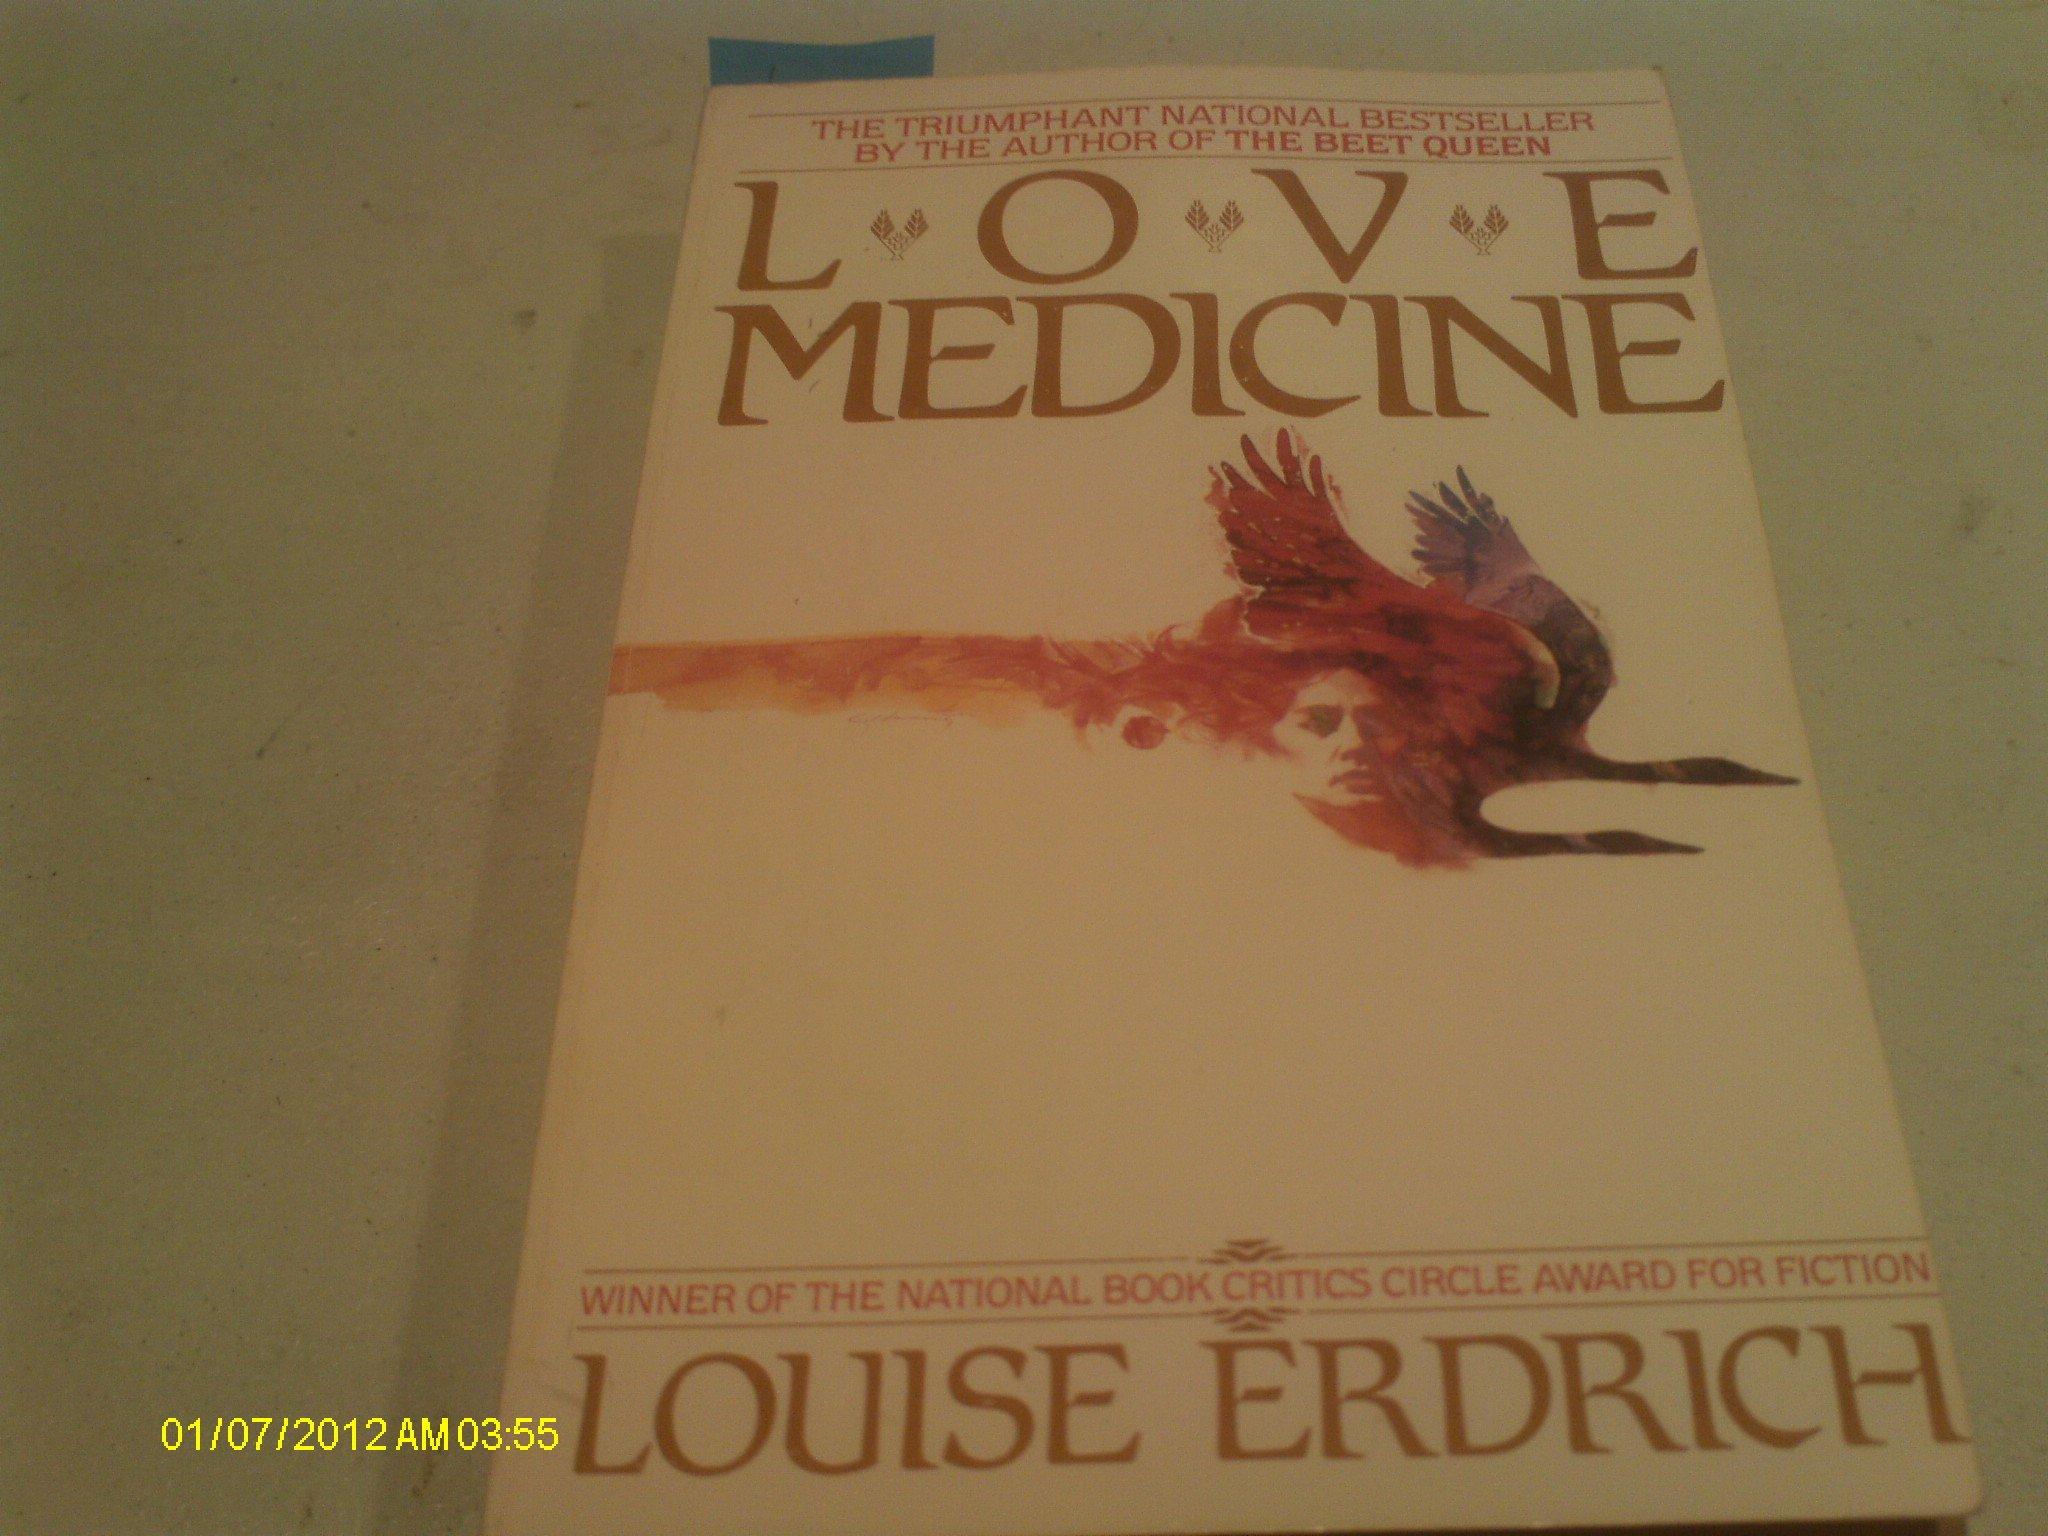 Erdrich pdf love medicine louise